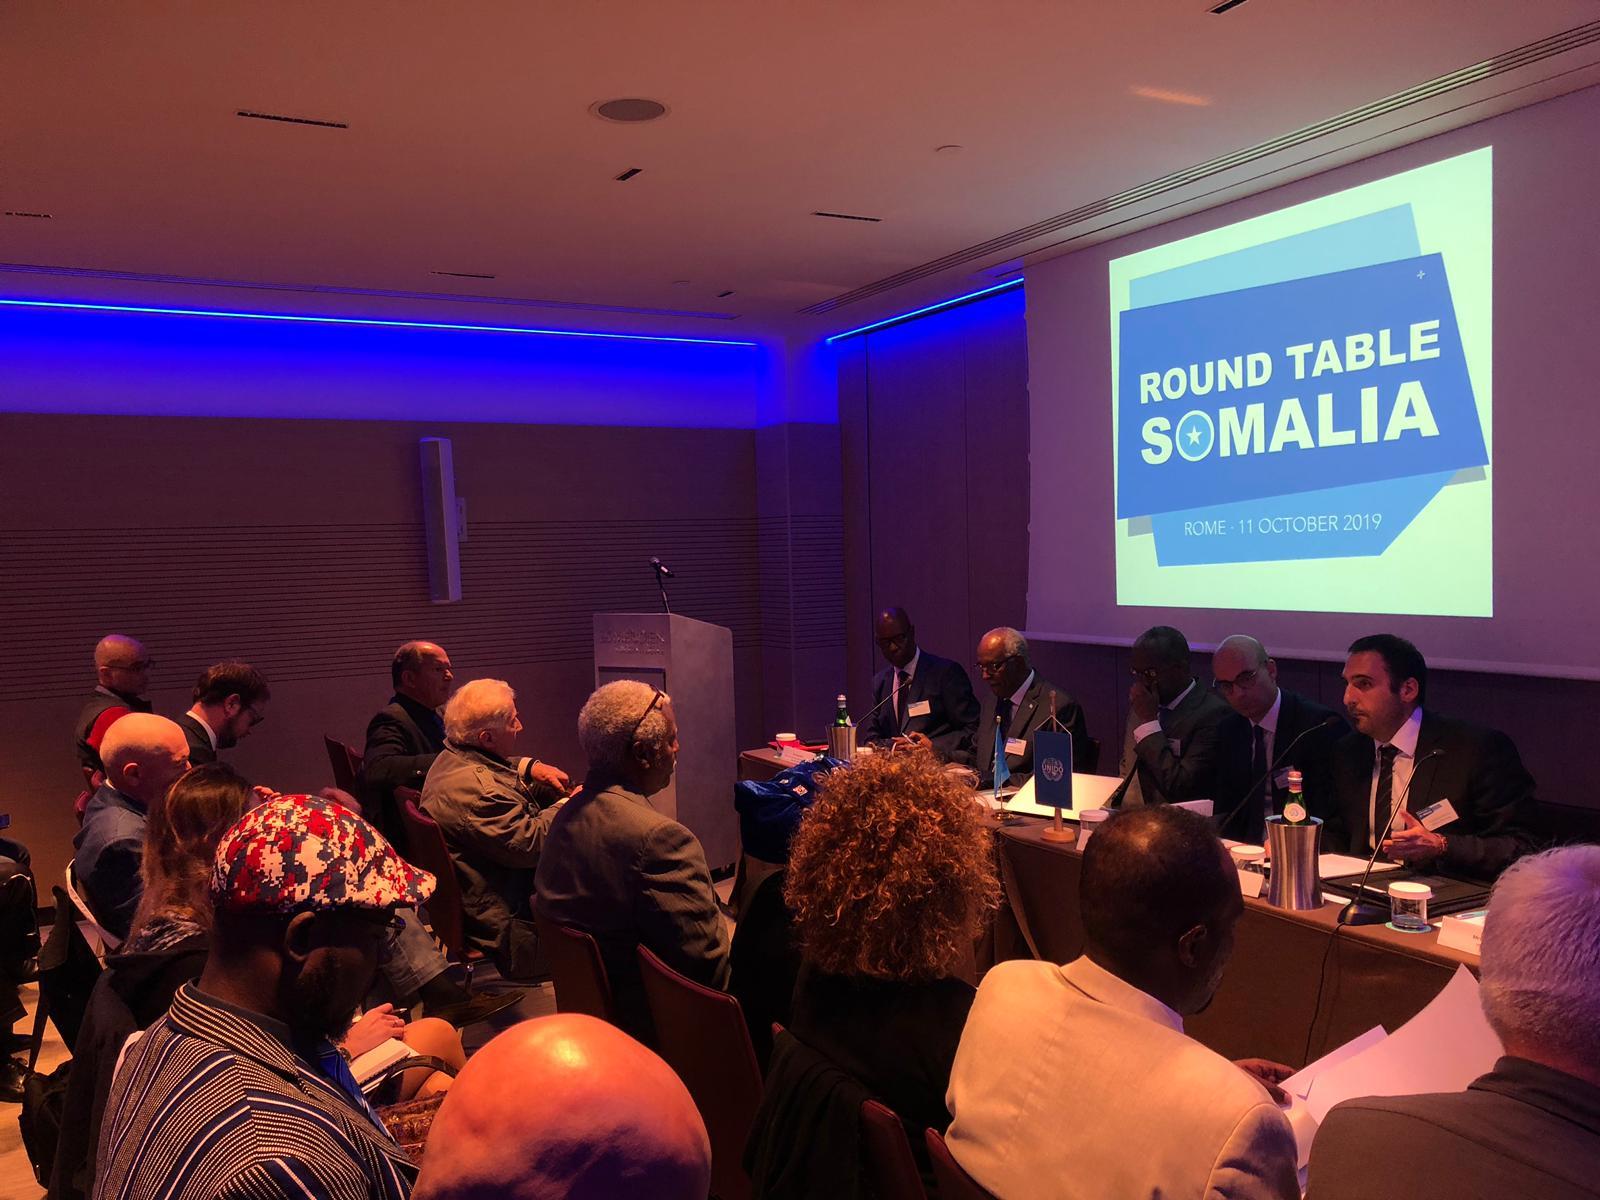 Opportunità di Business in Somalia: UNIDO ITPO Italy e UNIDO Somalia organizzano una Tavola Rotonda